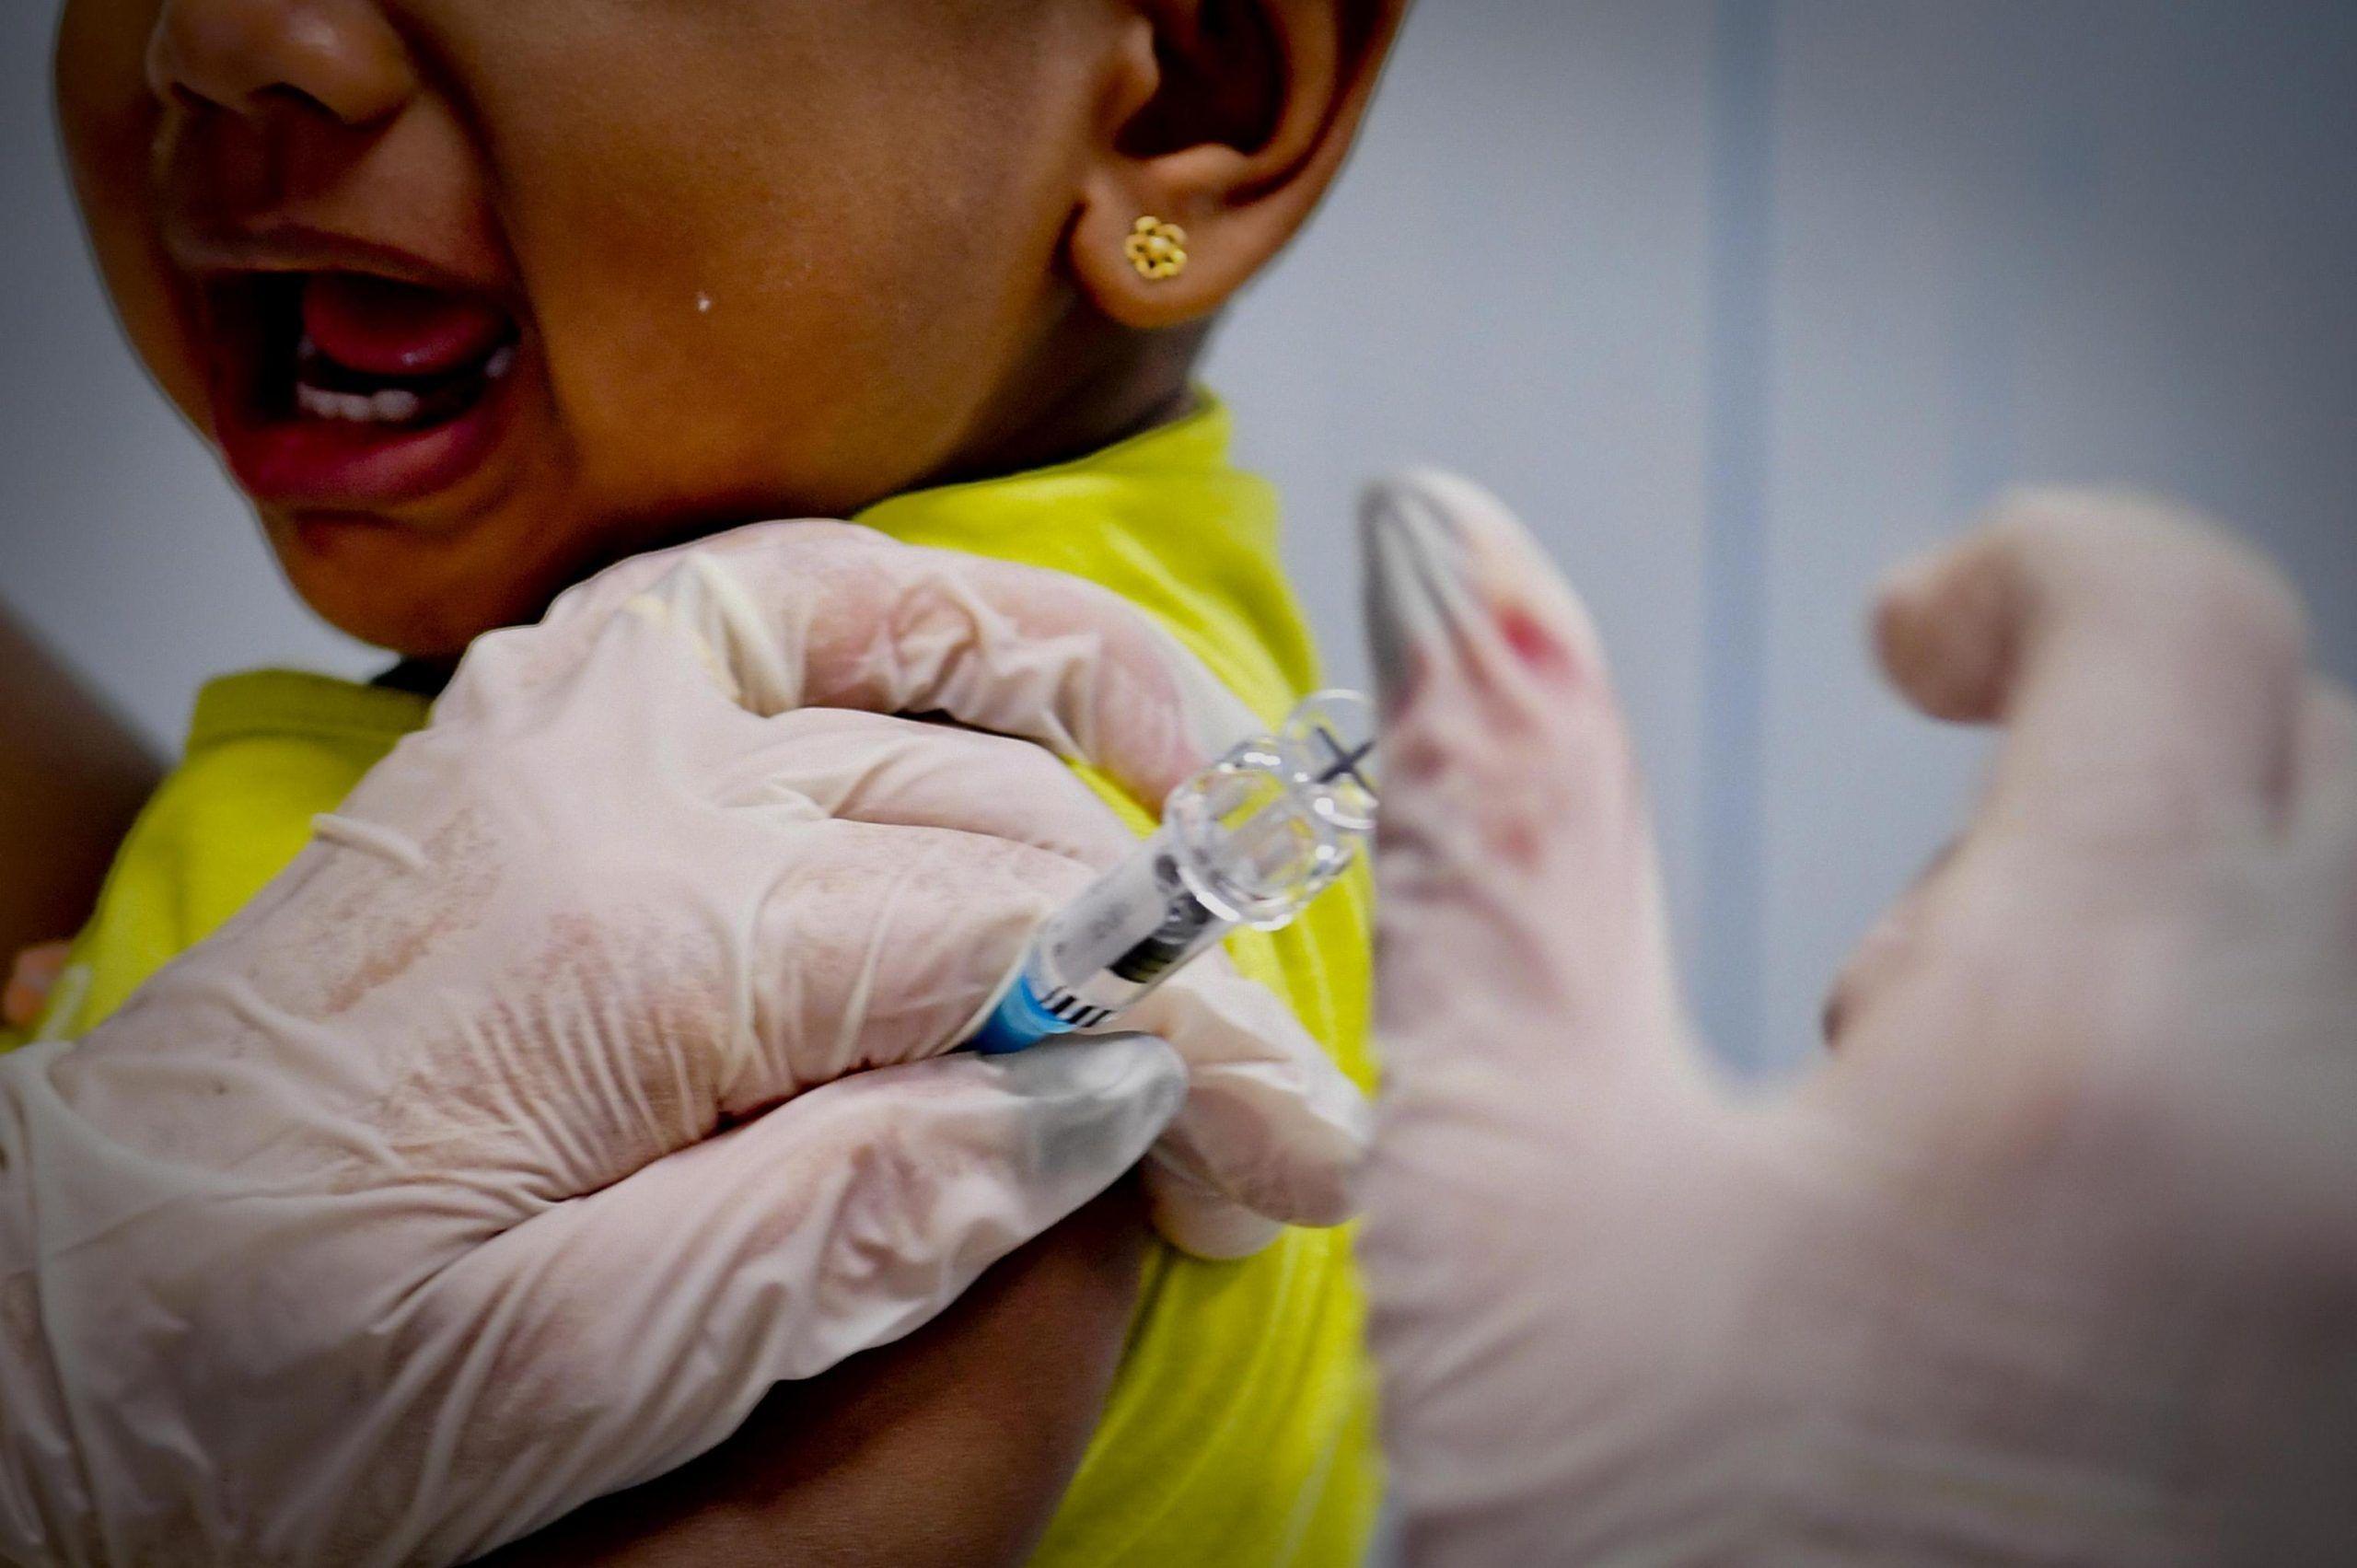 Vaccini, falsi miti da sfatare (a cui molti credono)